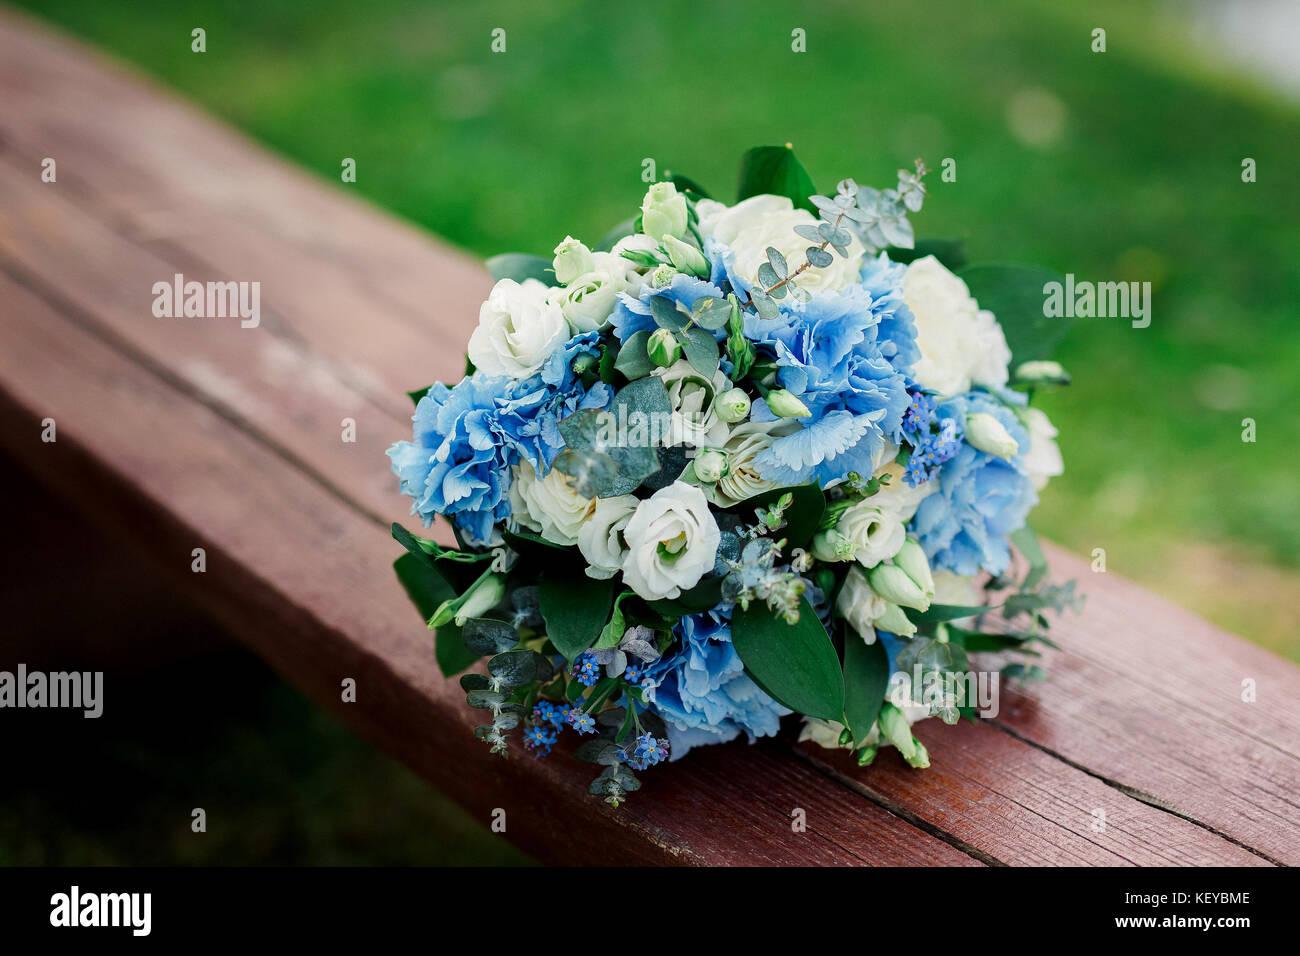 Schone Blaue Und Weisse Frische Blumen Hochzeit Bouquet Hochzeit